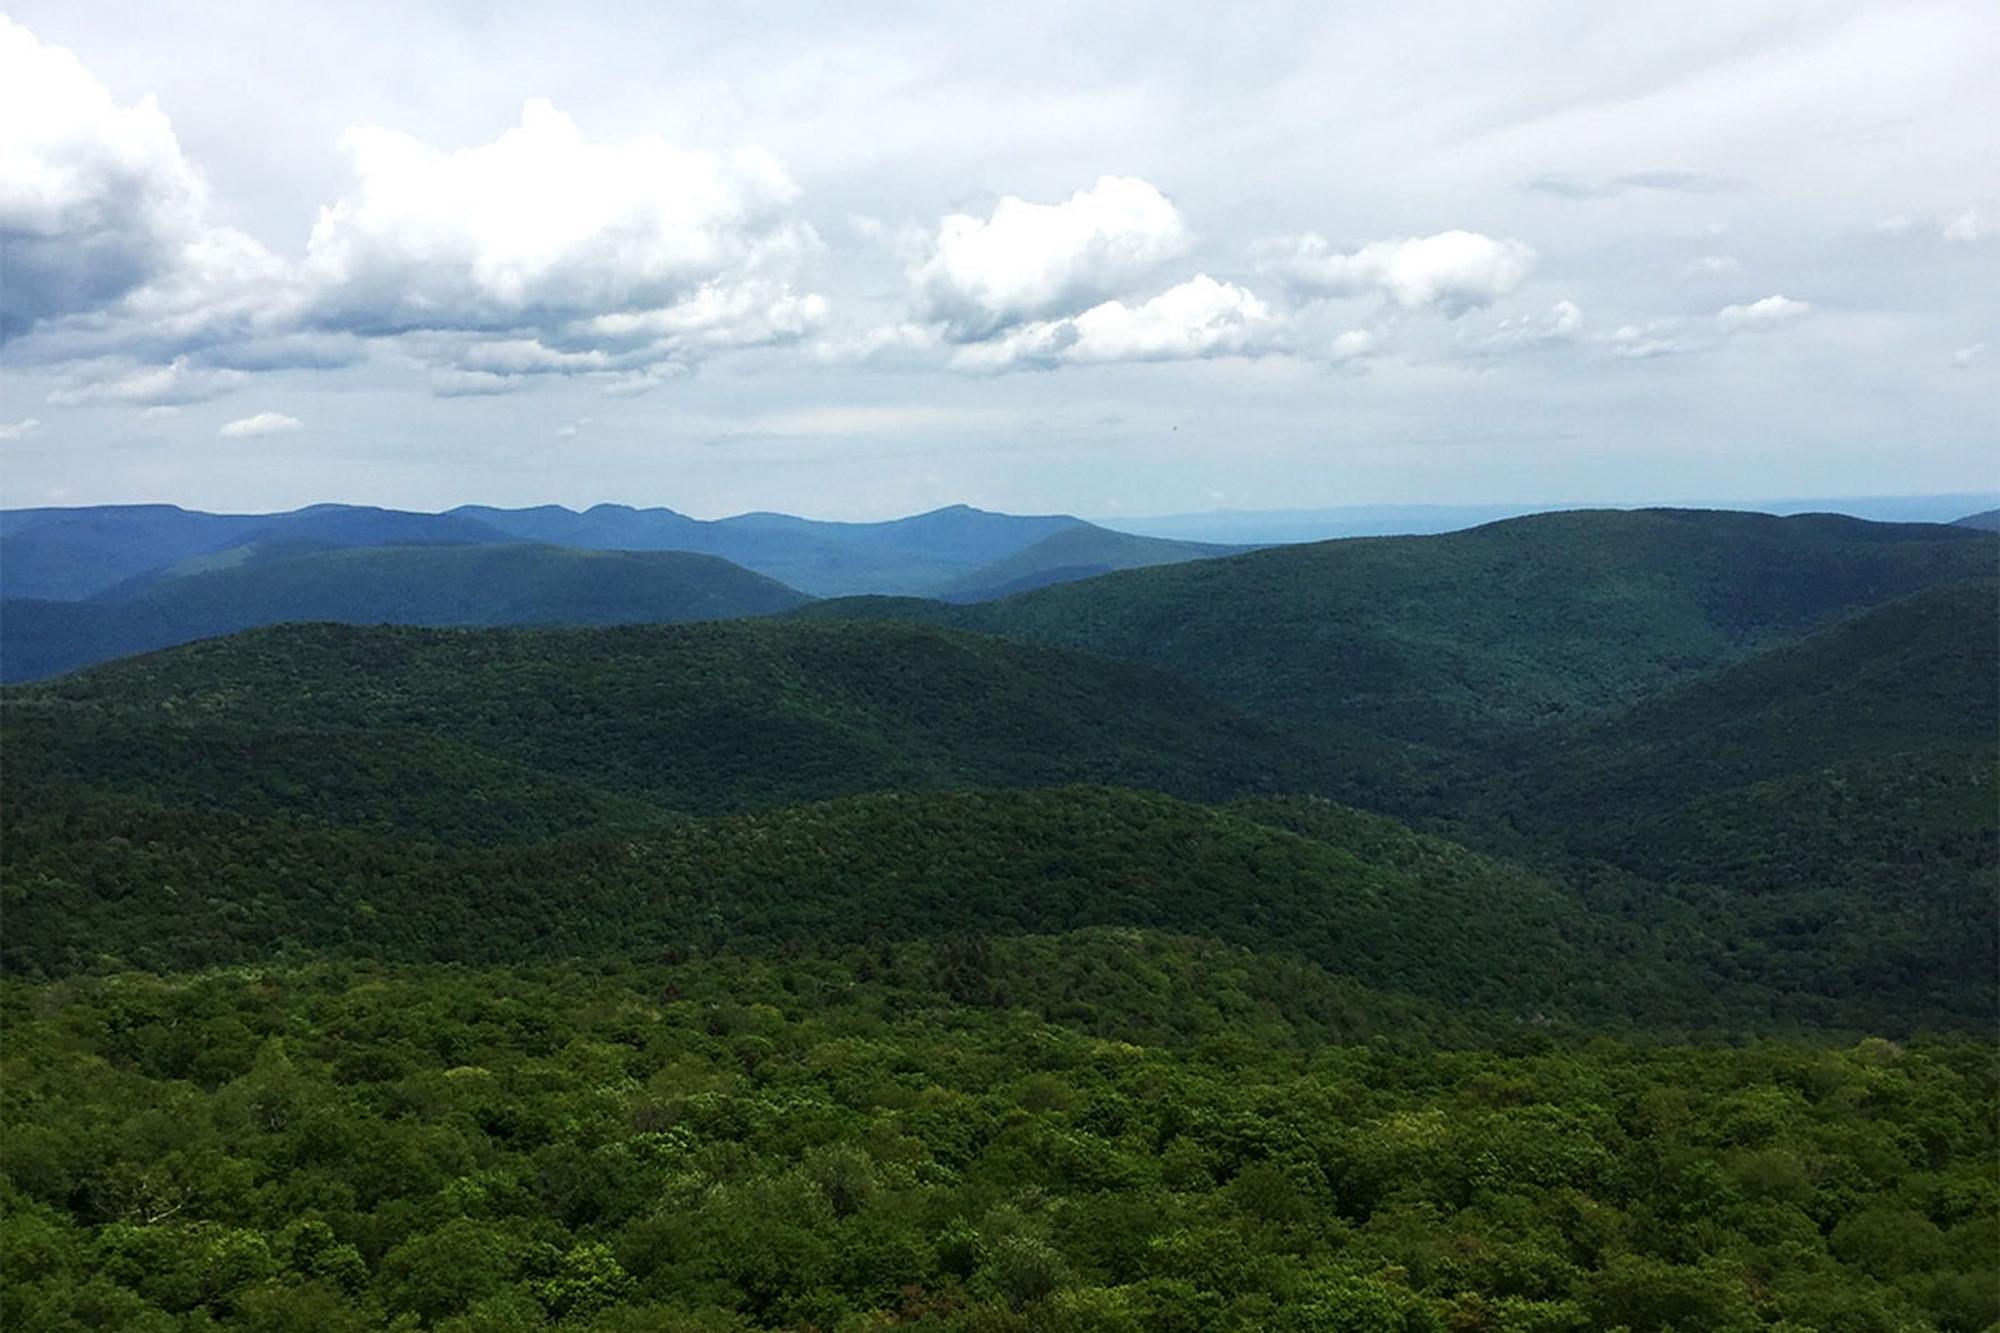 The view over Slide Mountain Wilderness from Giant Ledges.   Credit: John Lepak